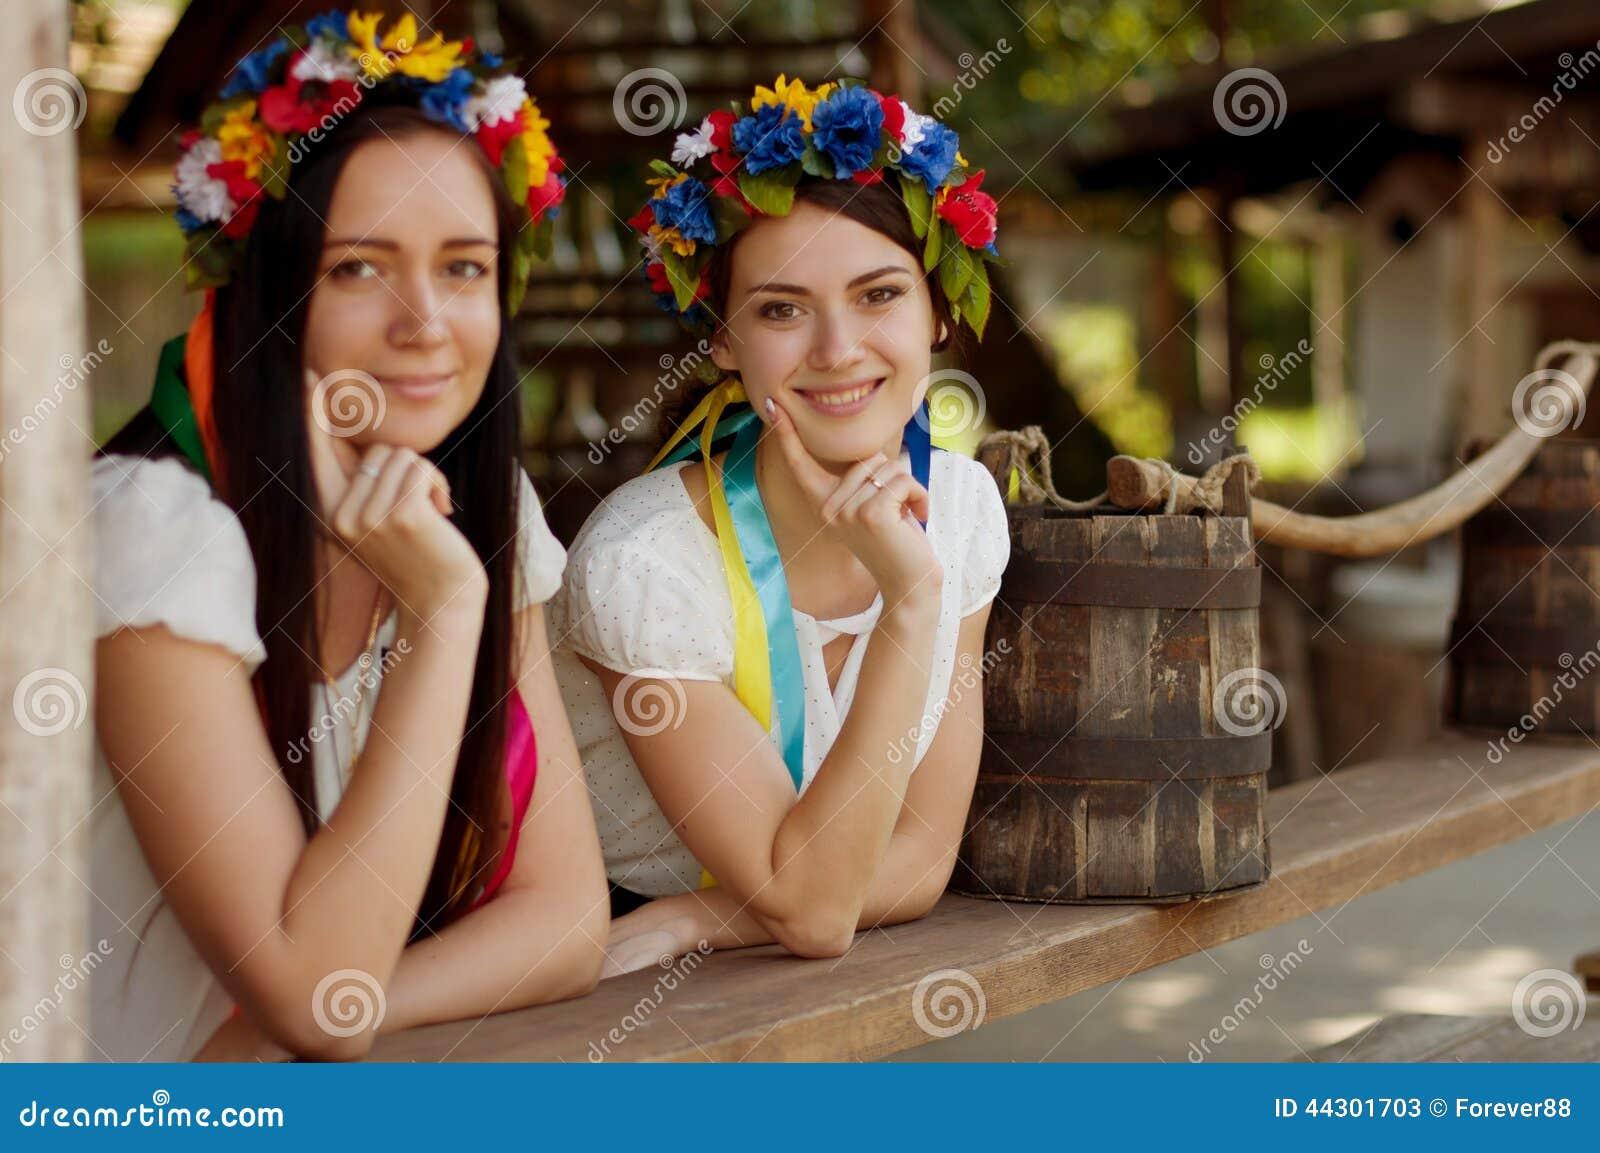 ukrainische mädchen